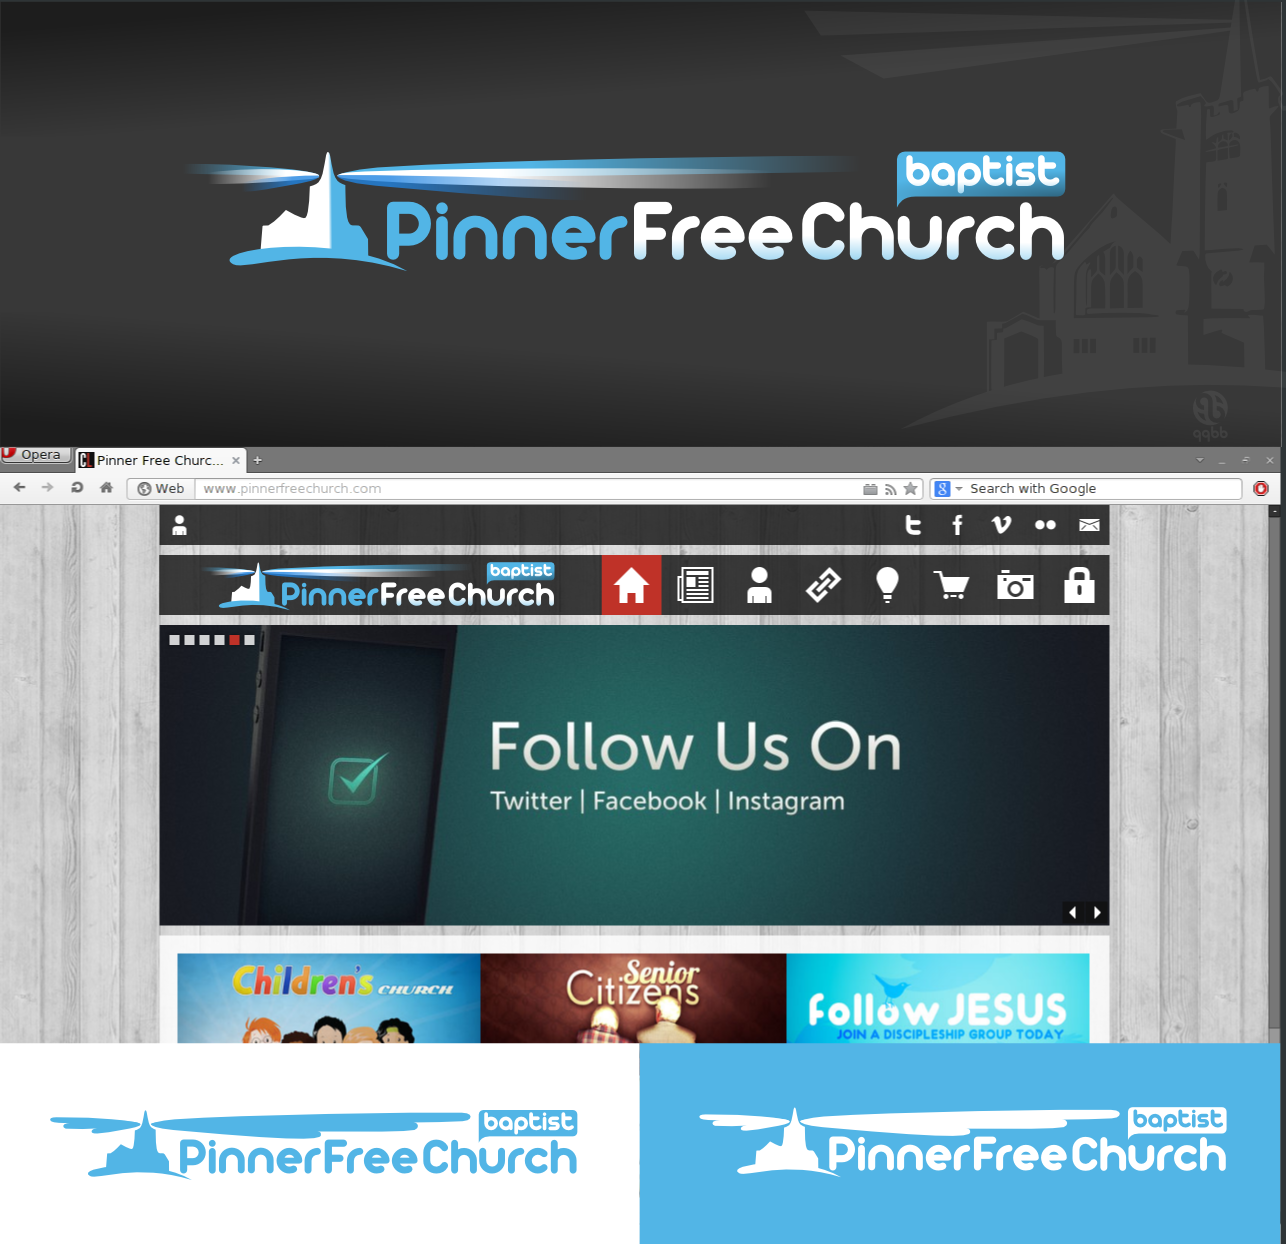 logo for Pinner Free Church (Baptist)